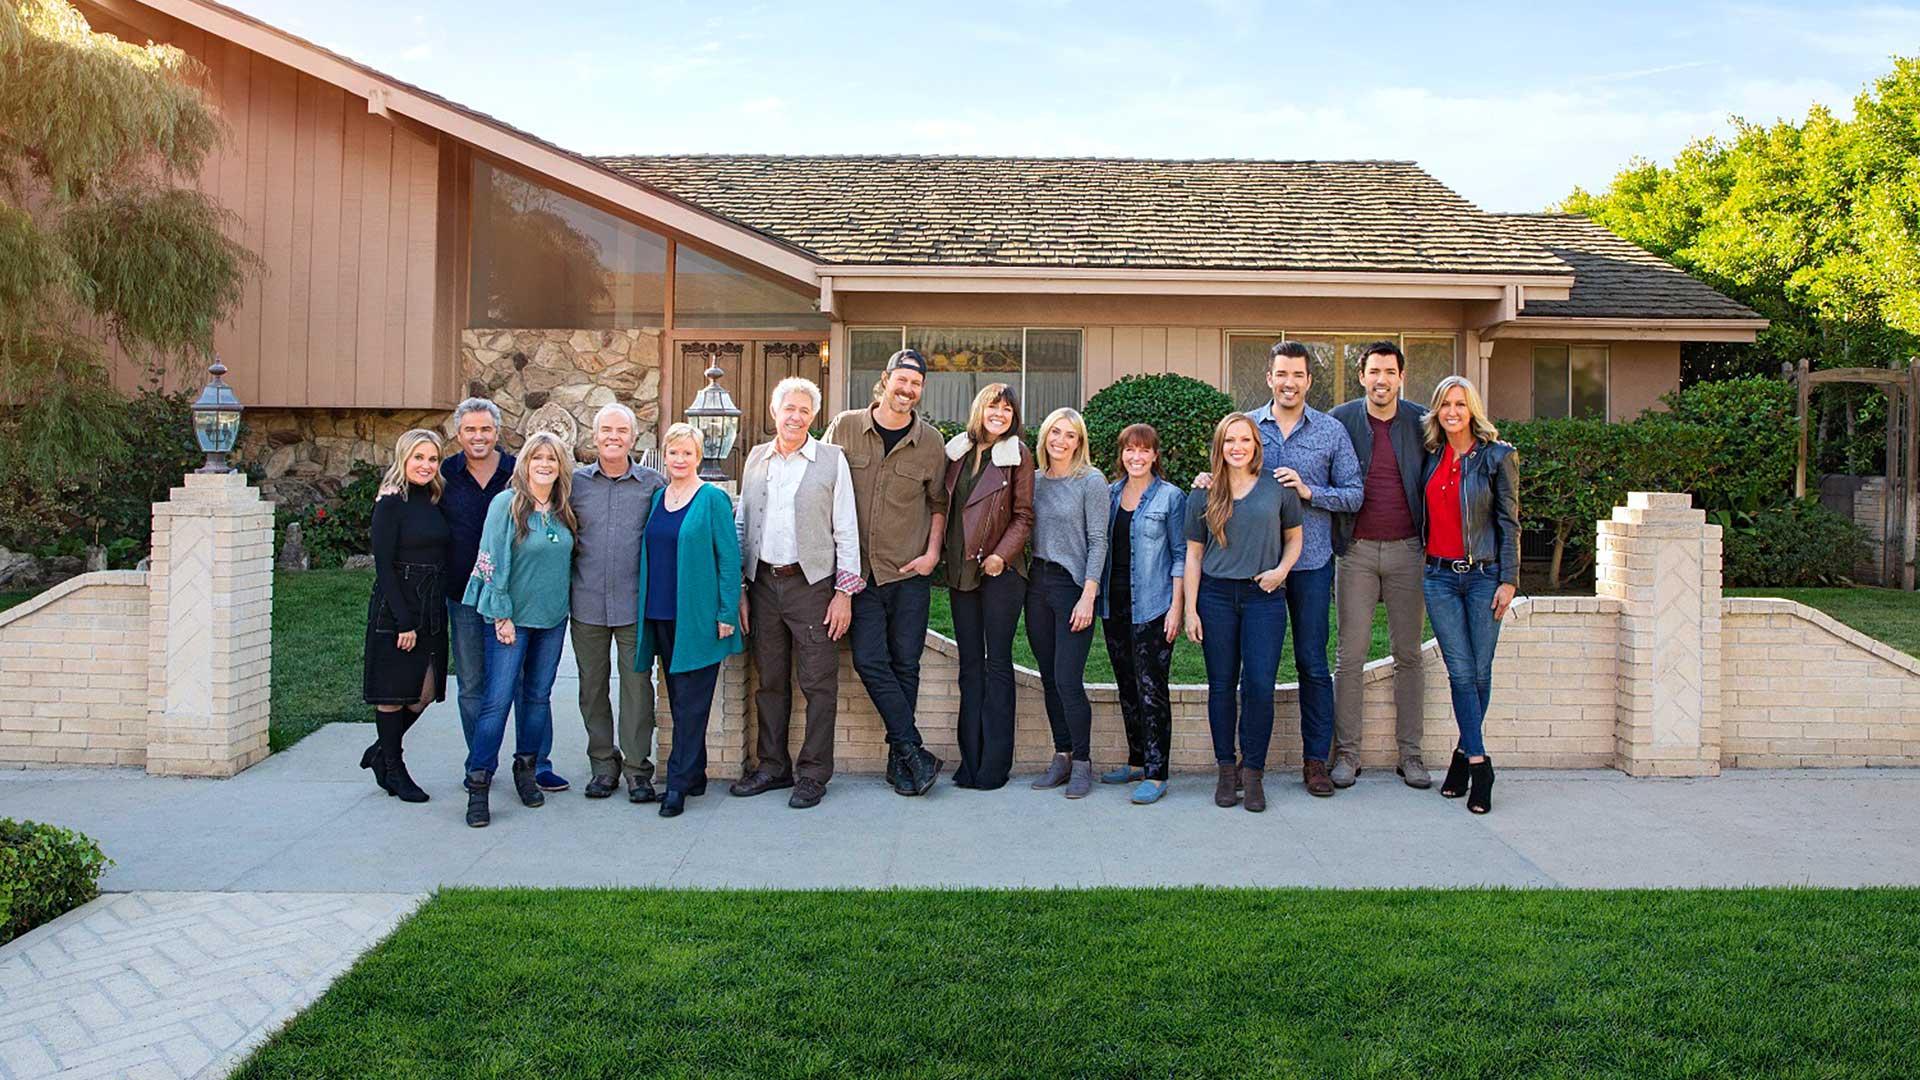 El mejor equipo de restauradores y decoradores de casas, encabezado por los hermanos Drew y Jonathan Scott, sorprenderá a los protagonistas de la serie